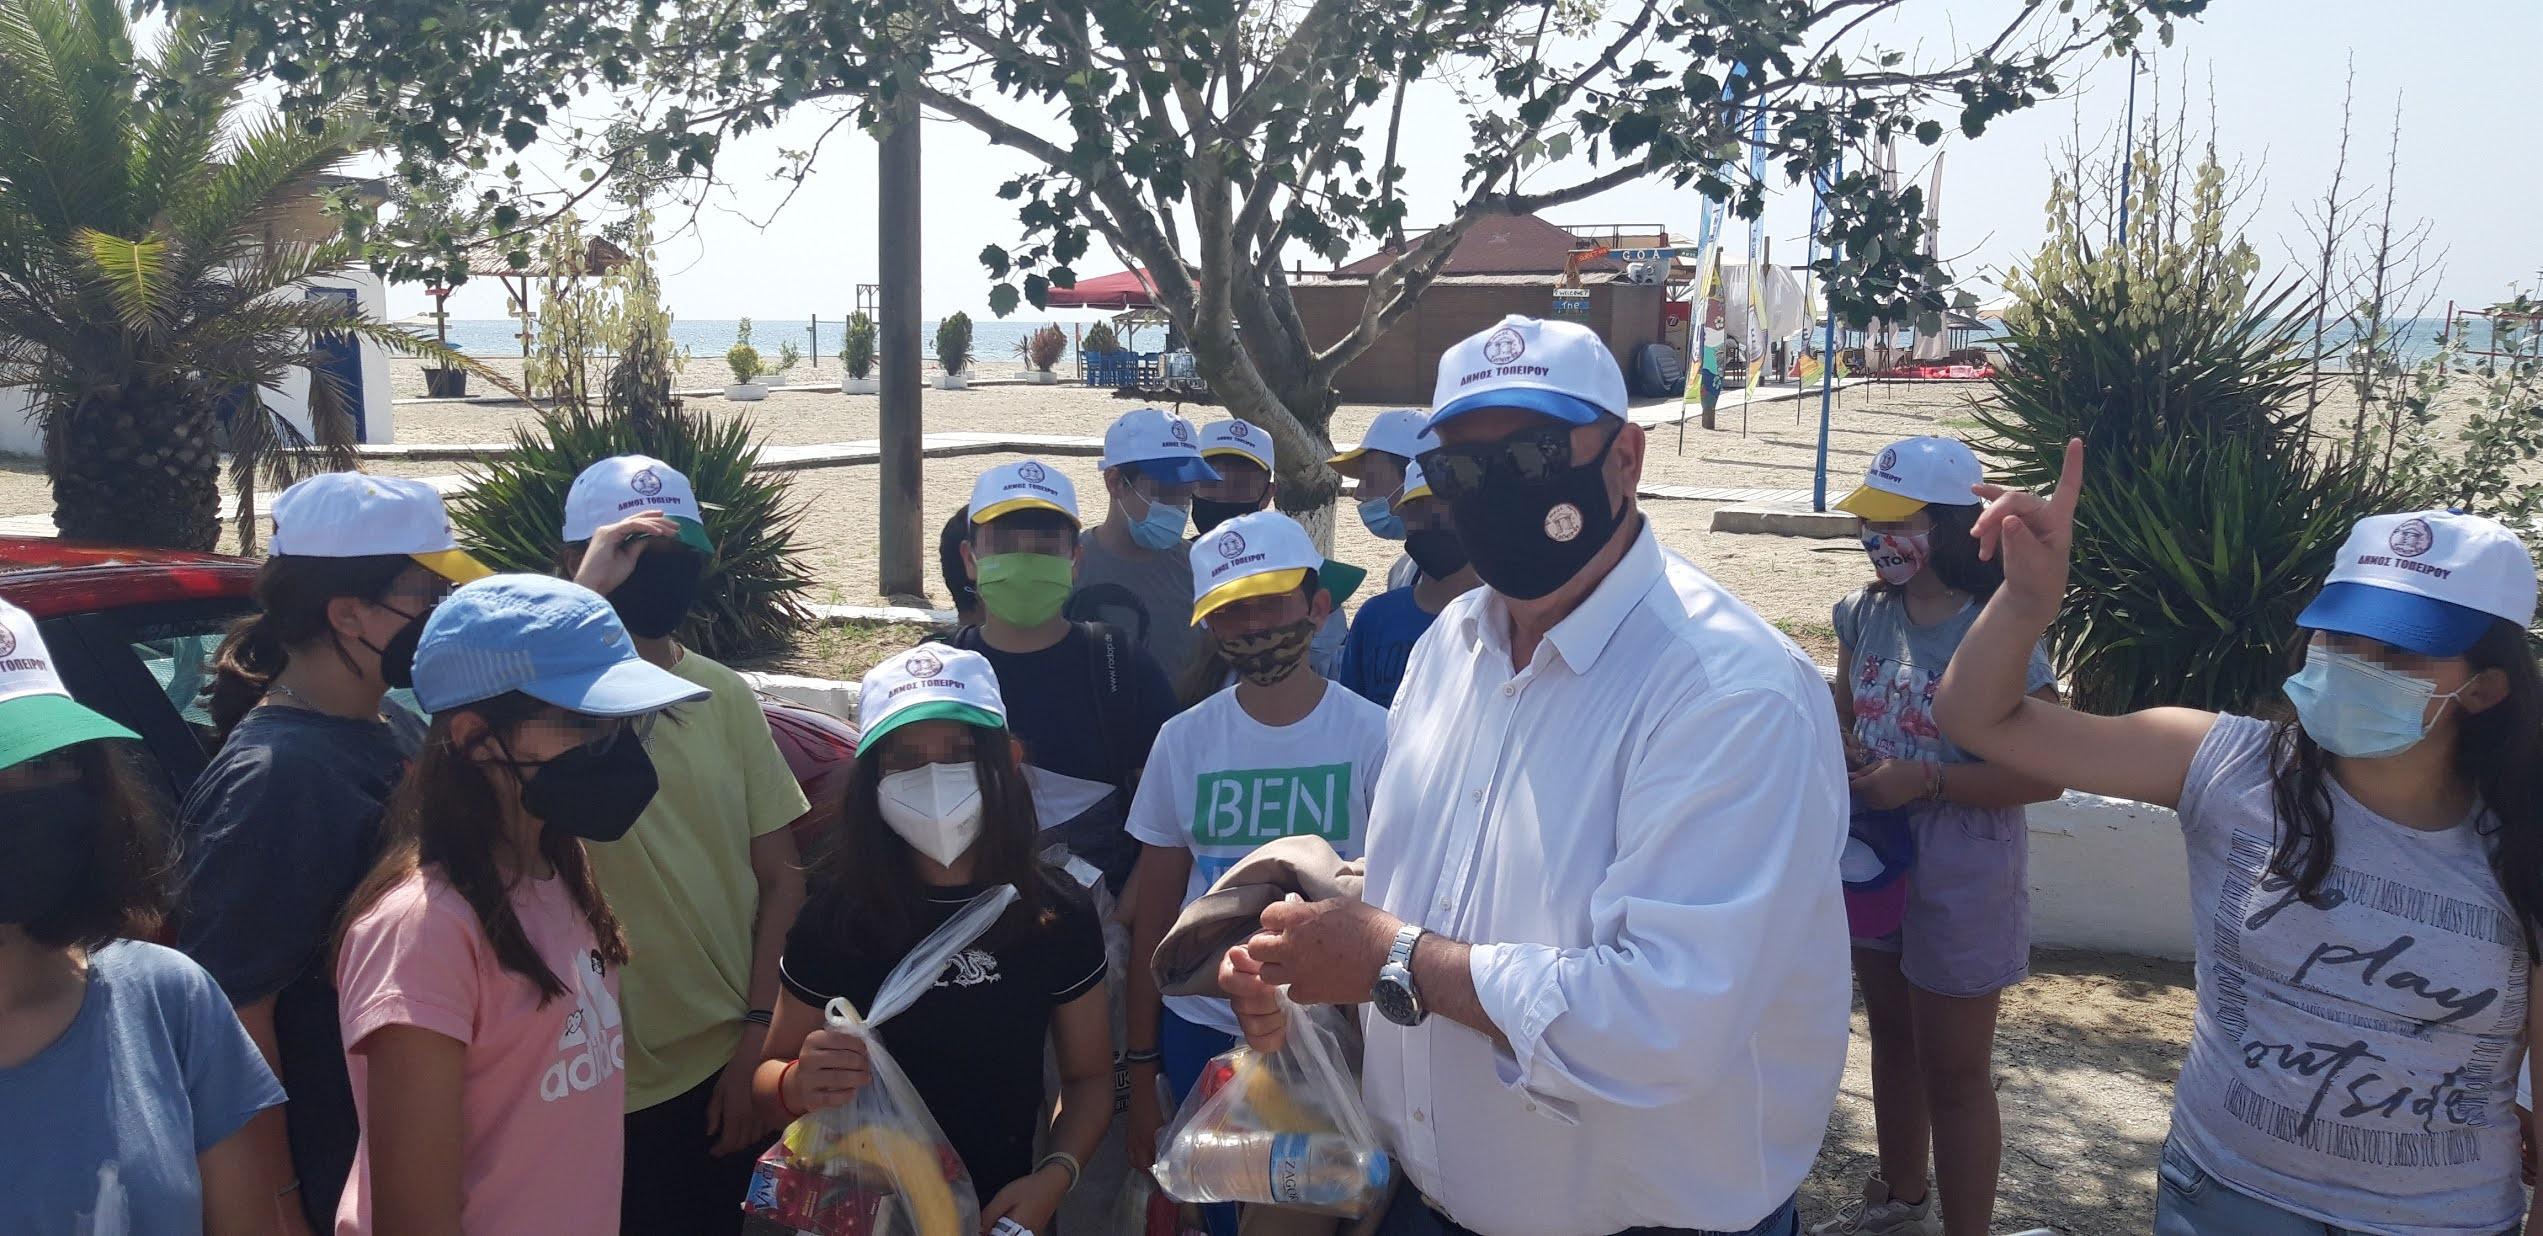 Εθελοντικός καθαρισμός στην παραλία Μαγγάνων